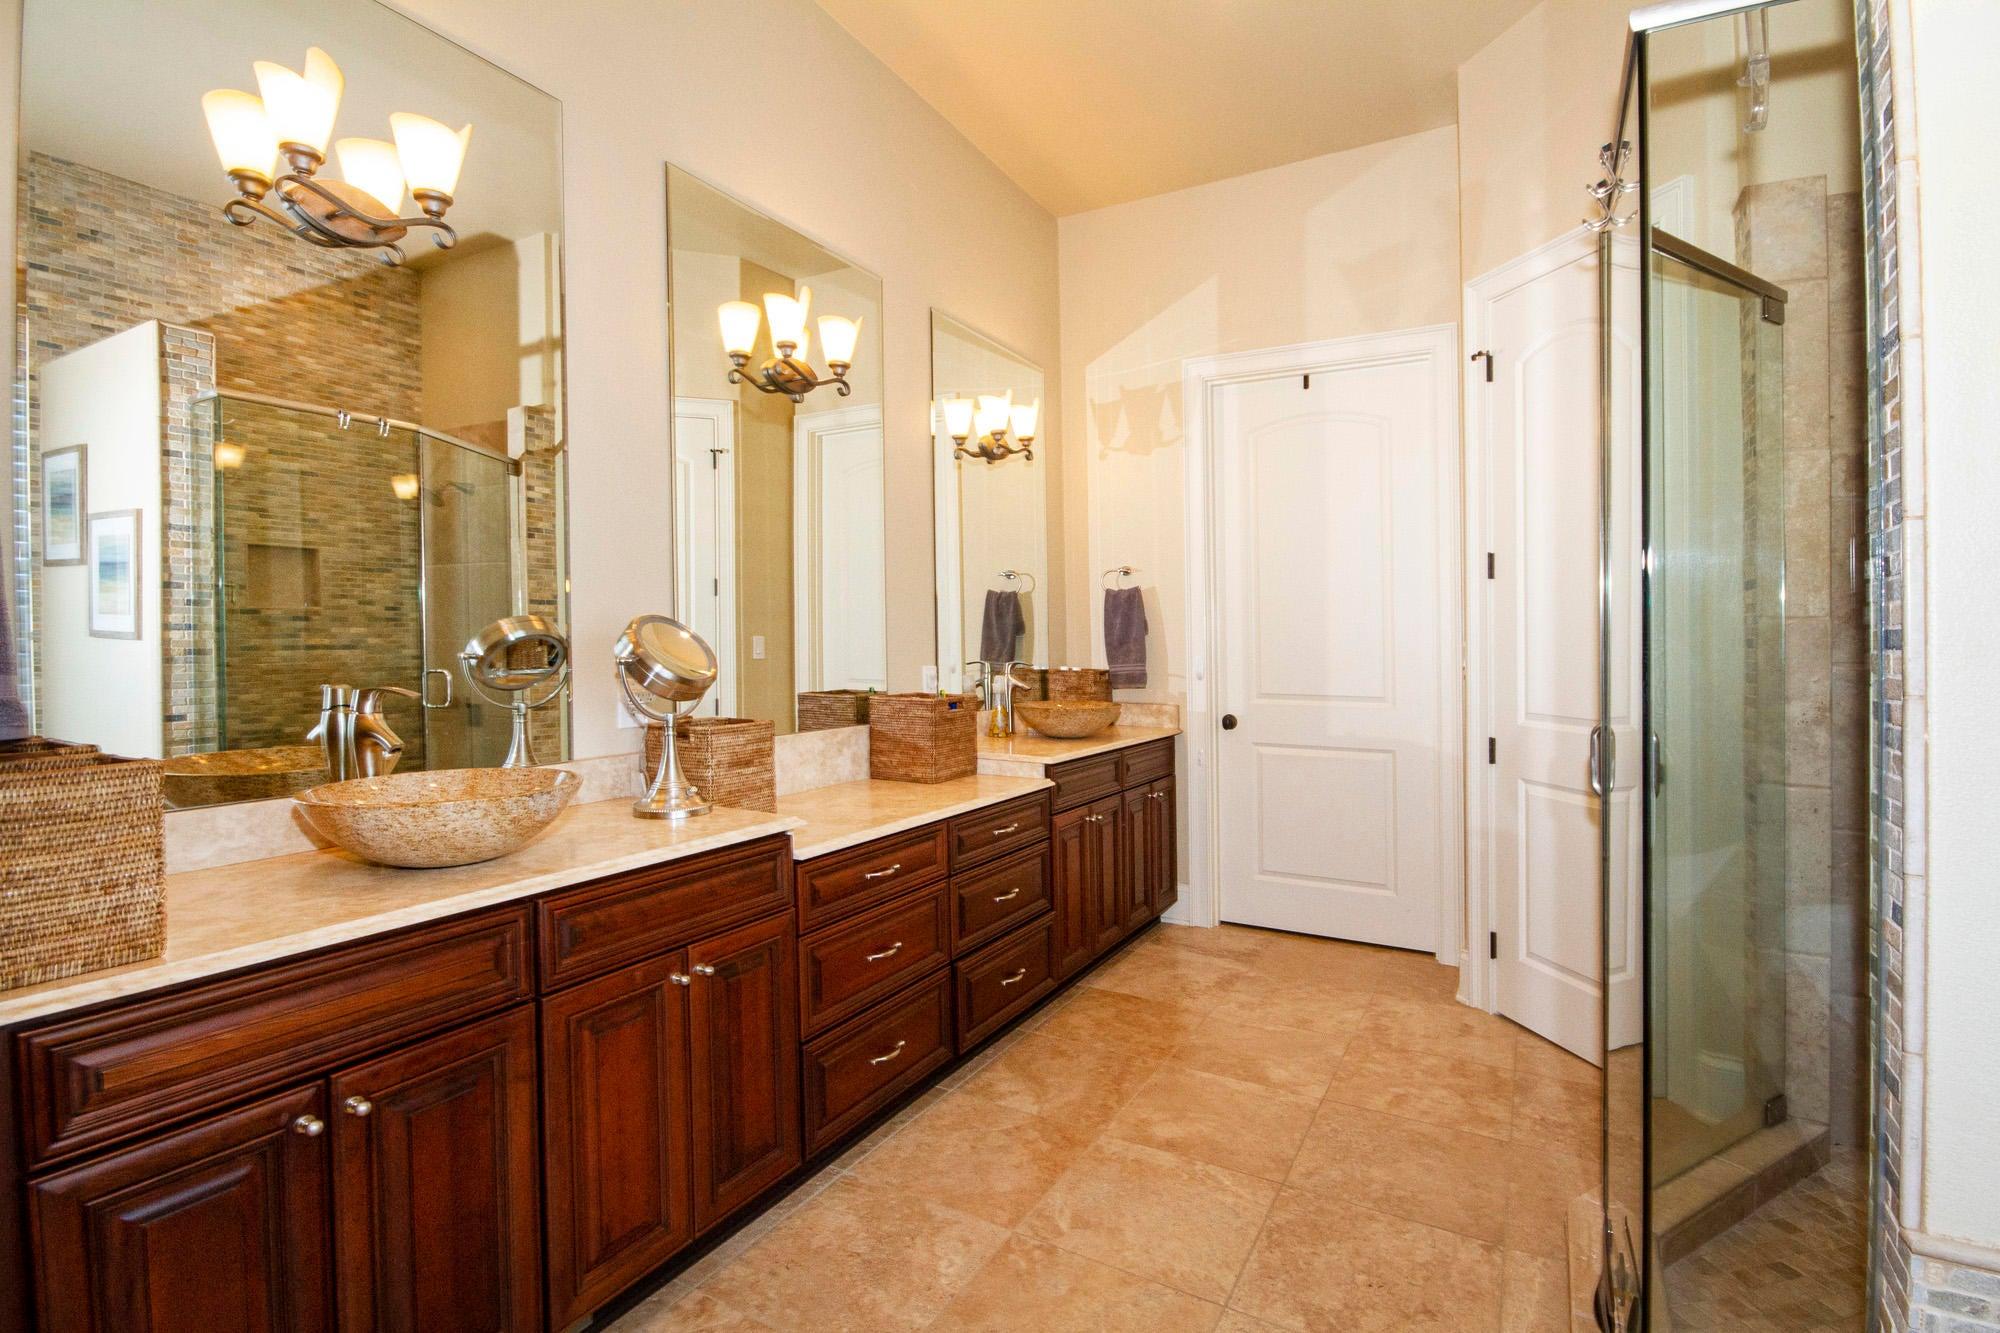 Heated Floors & Vessel Sinks